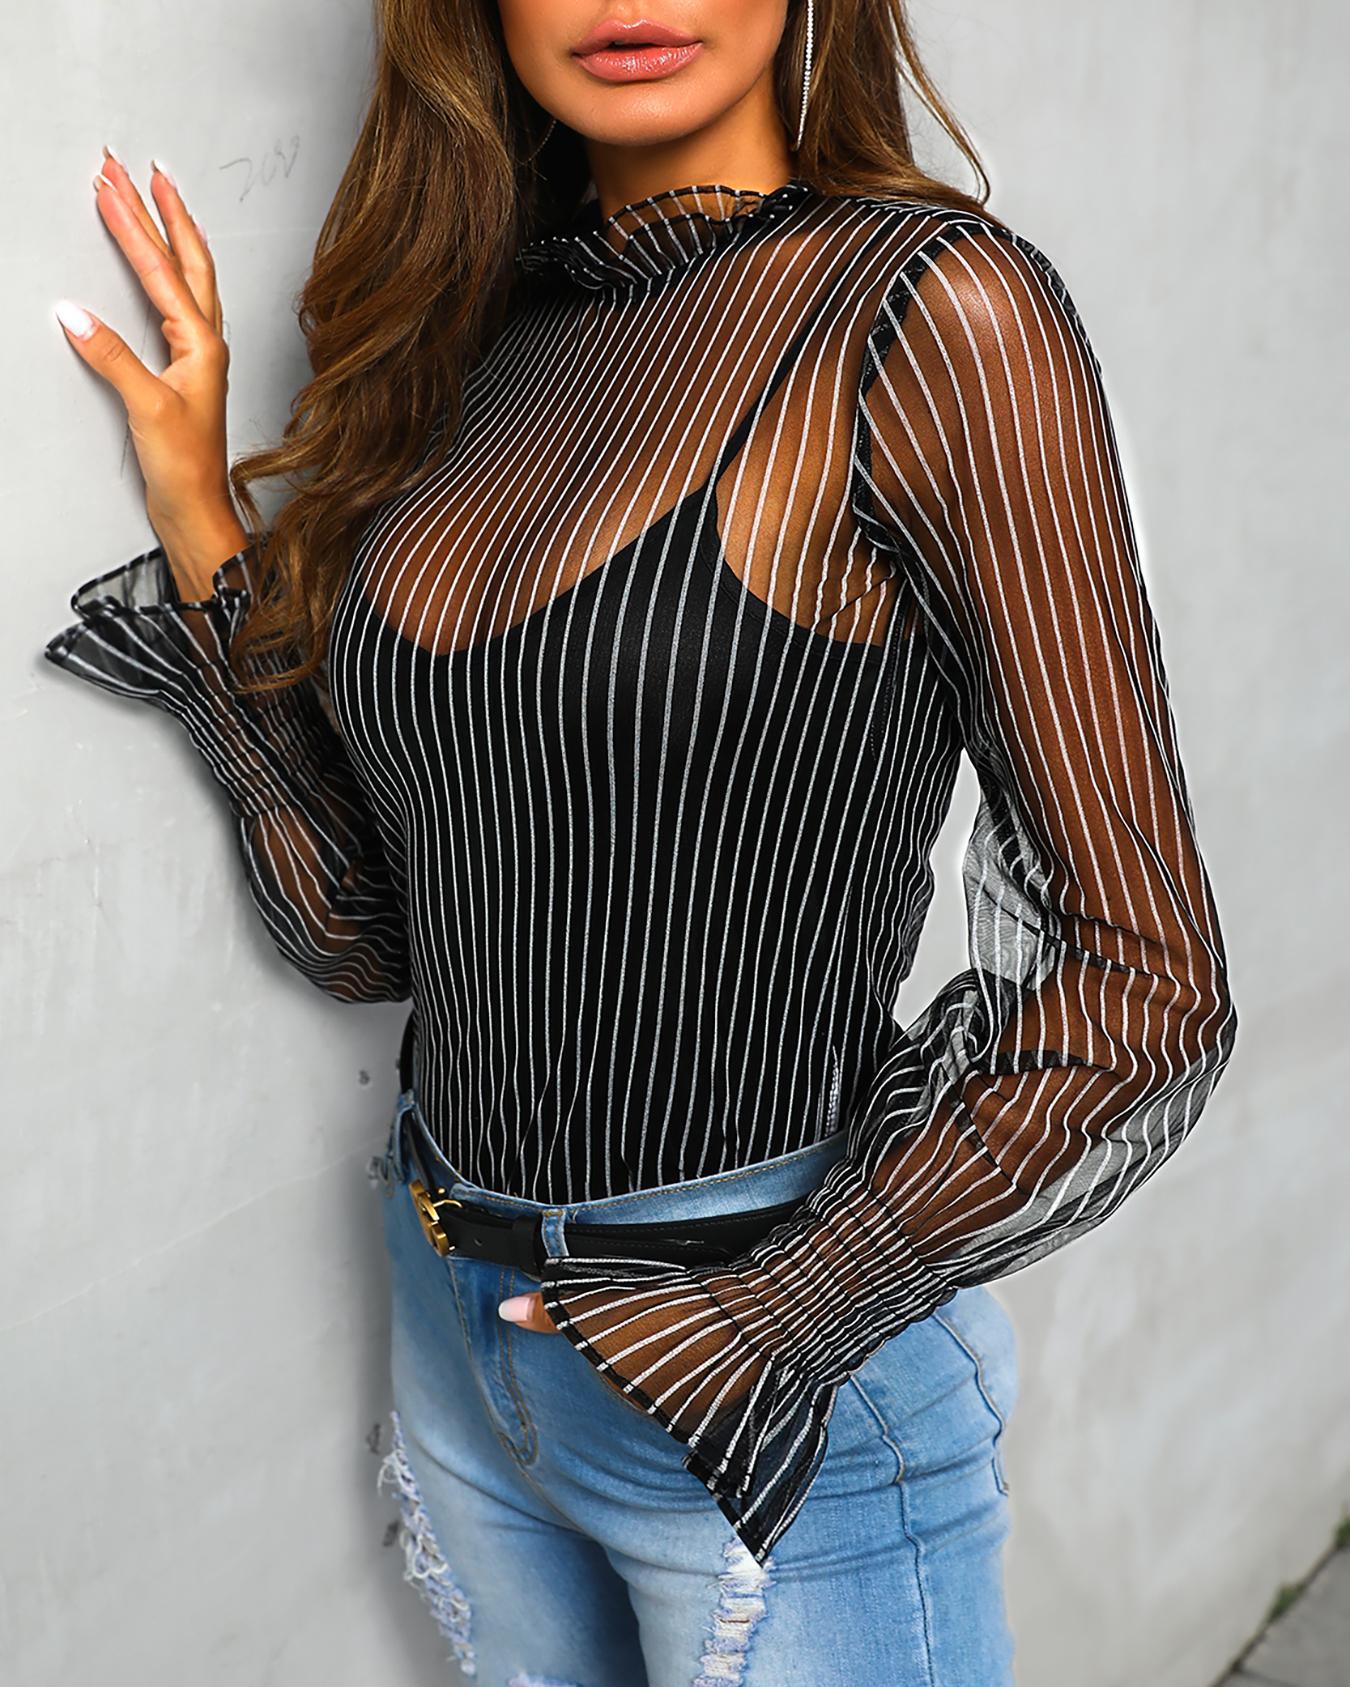 ivrose / Blusa de malla de rayas escarpadas